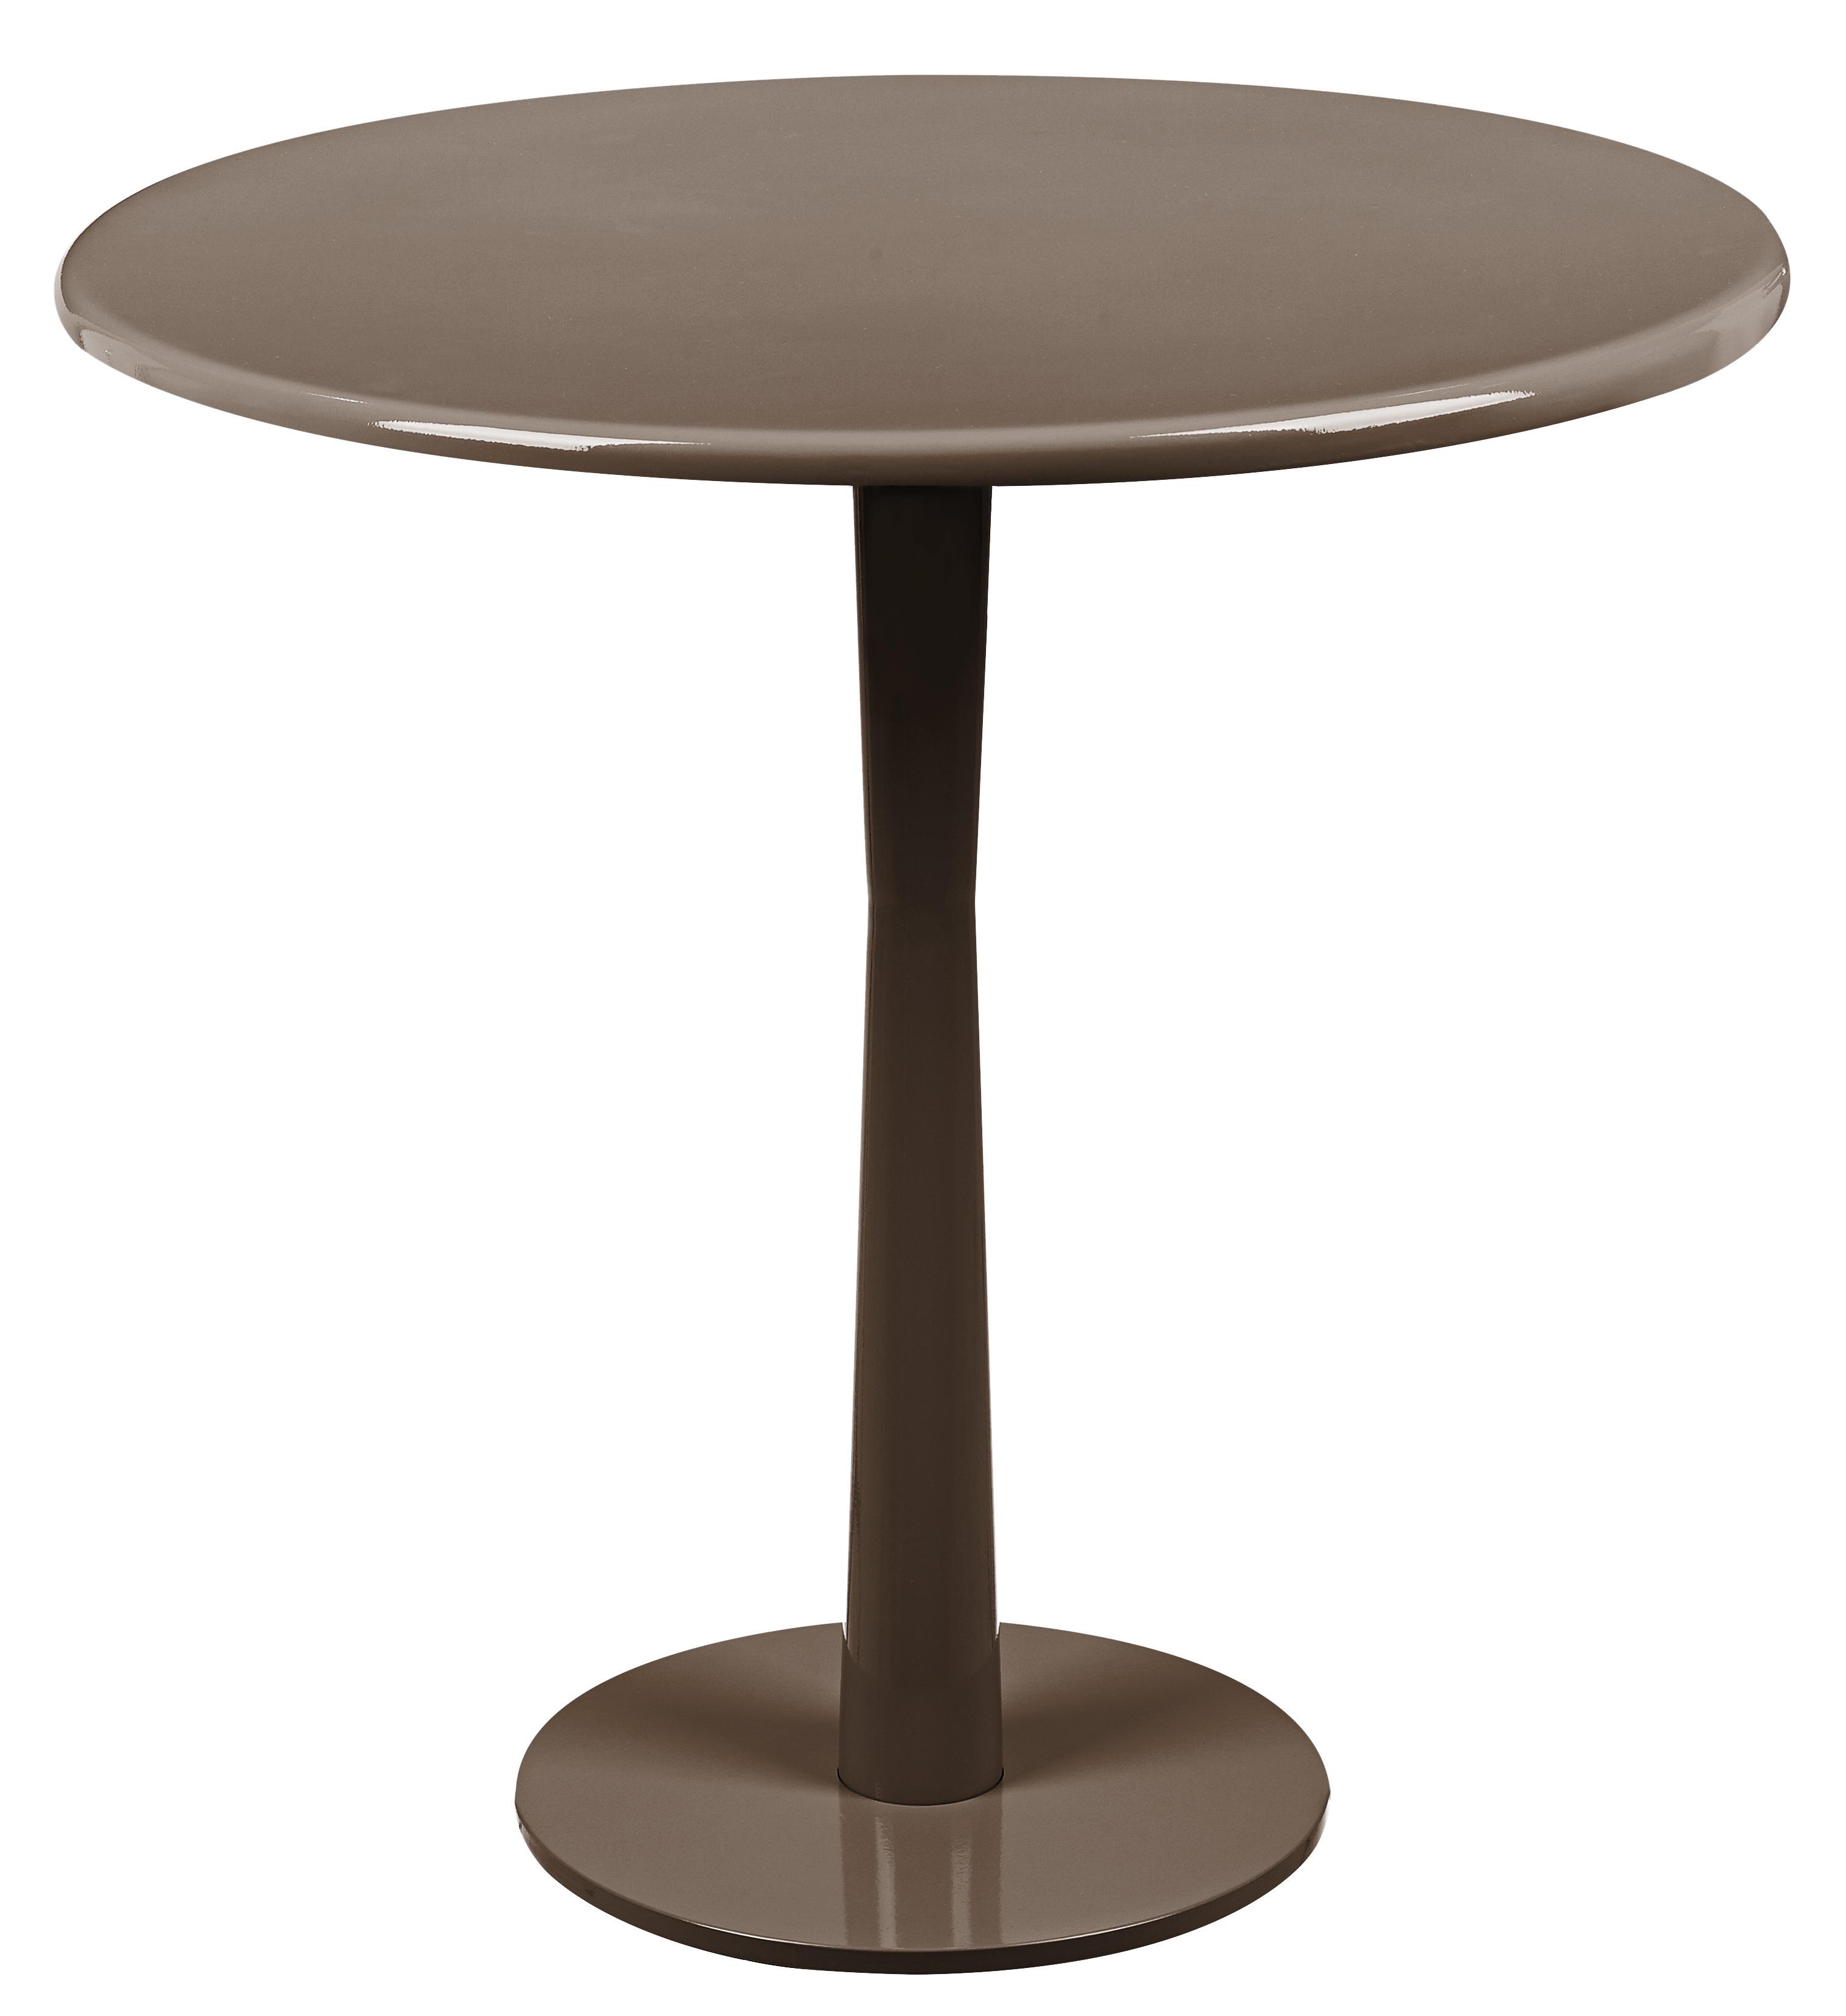 馬卡龍系列邊桌/黑色